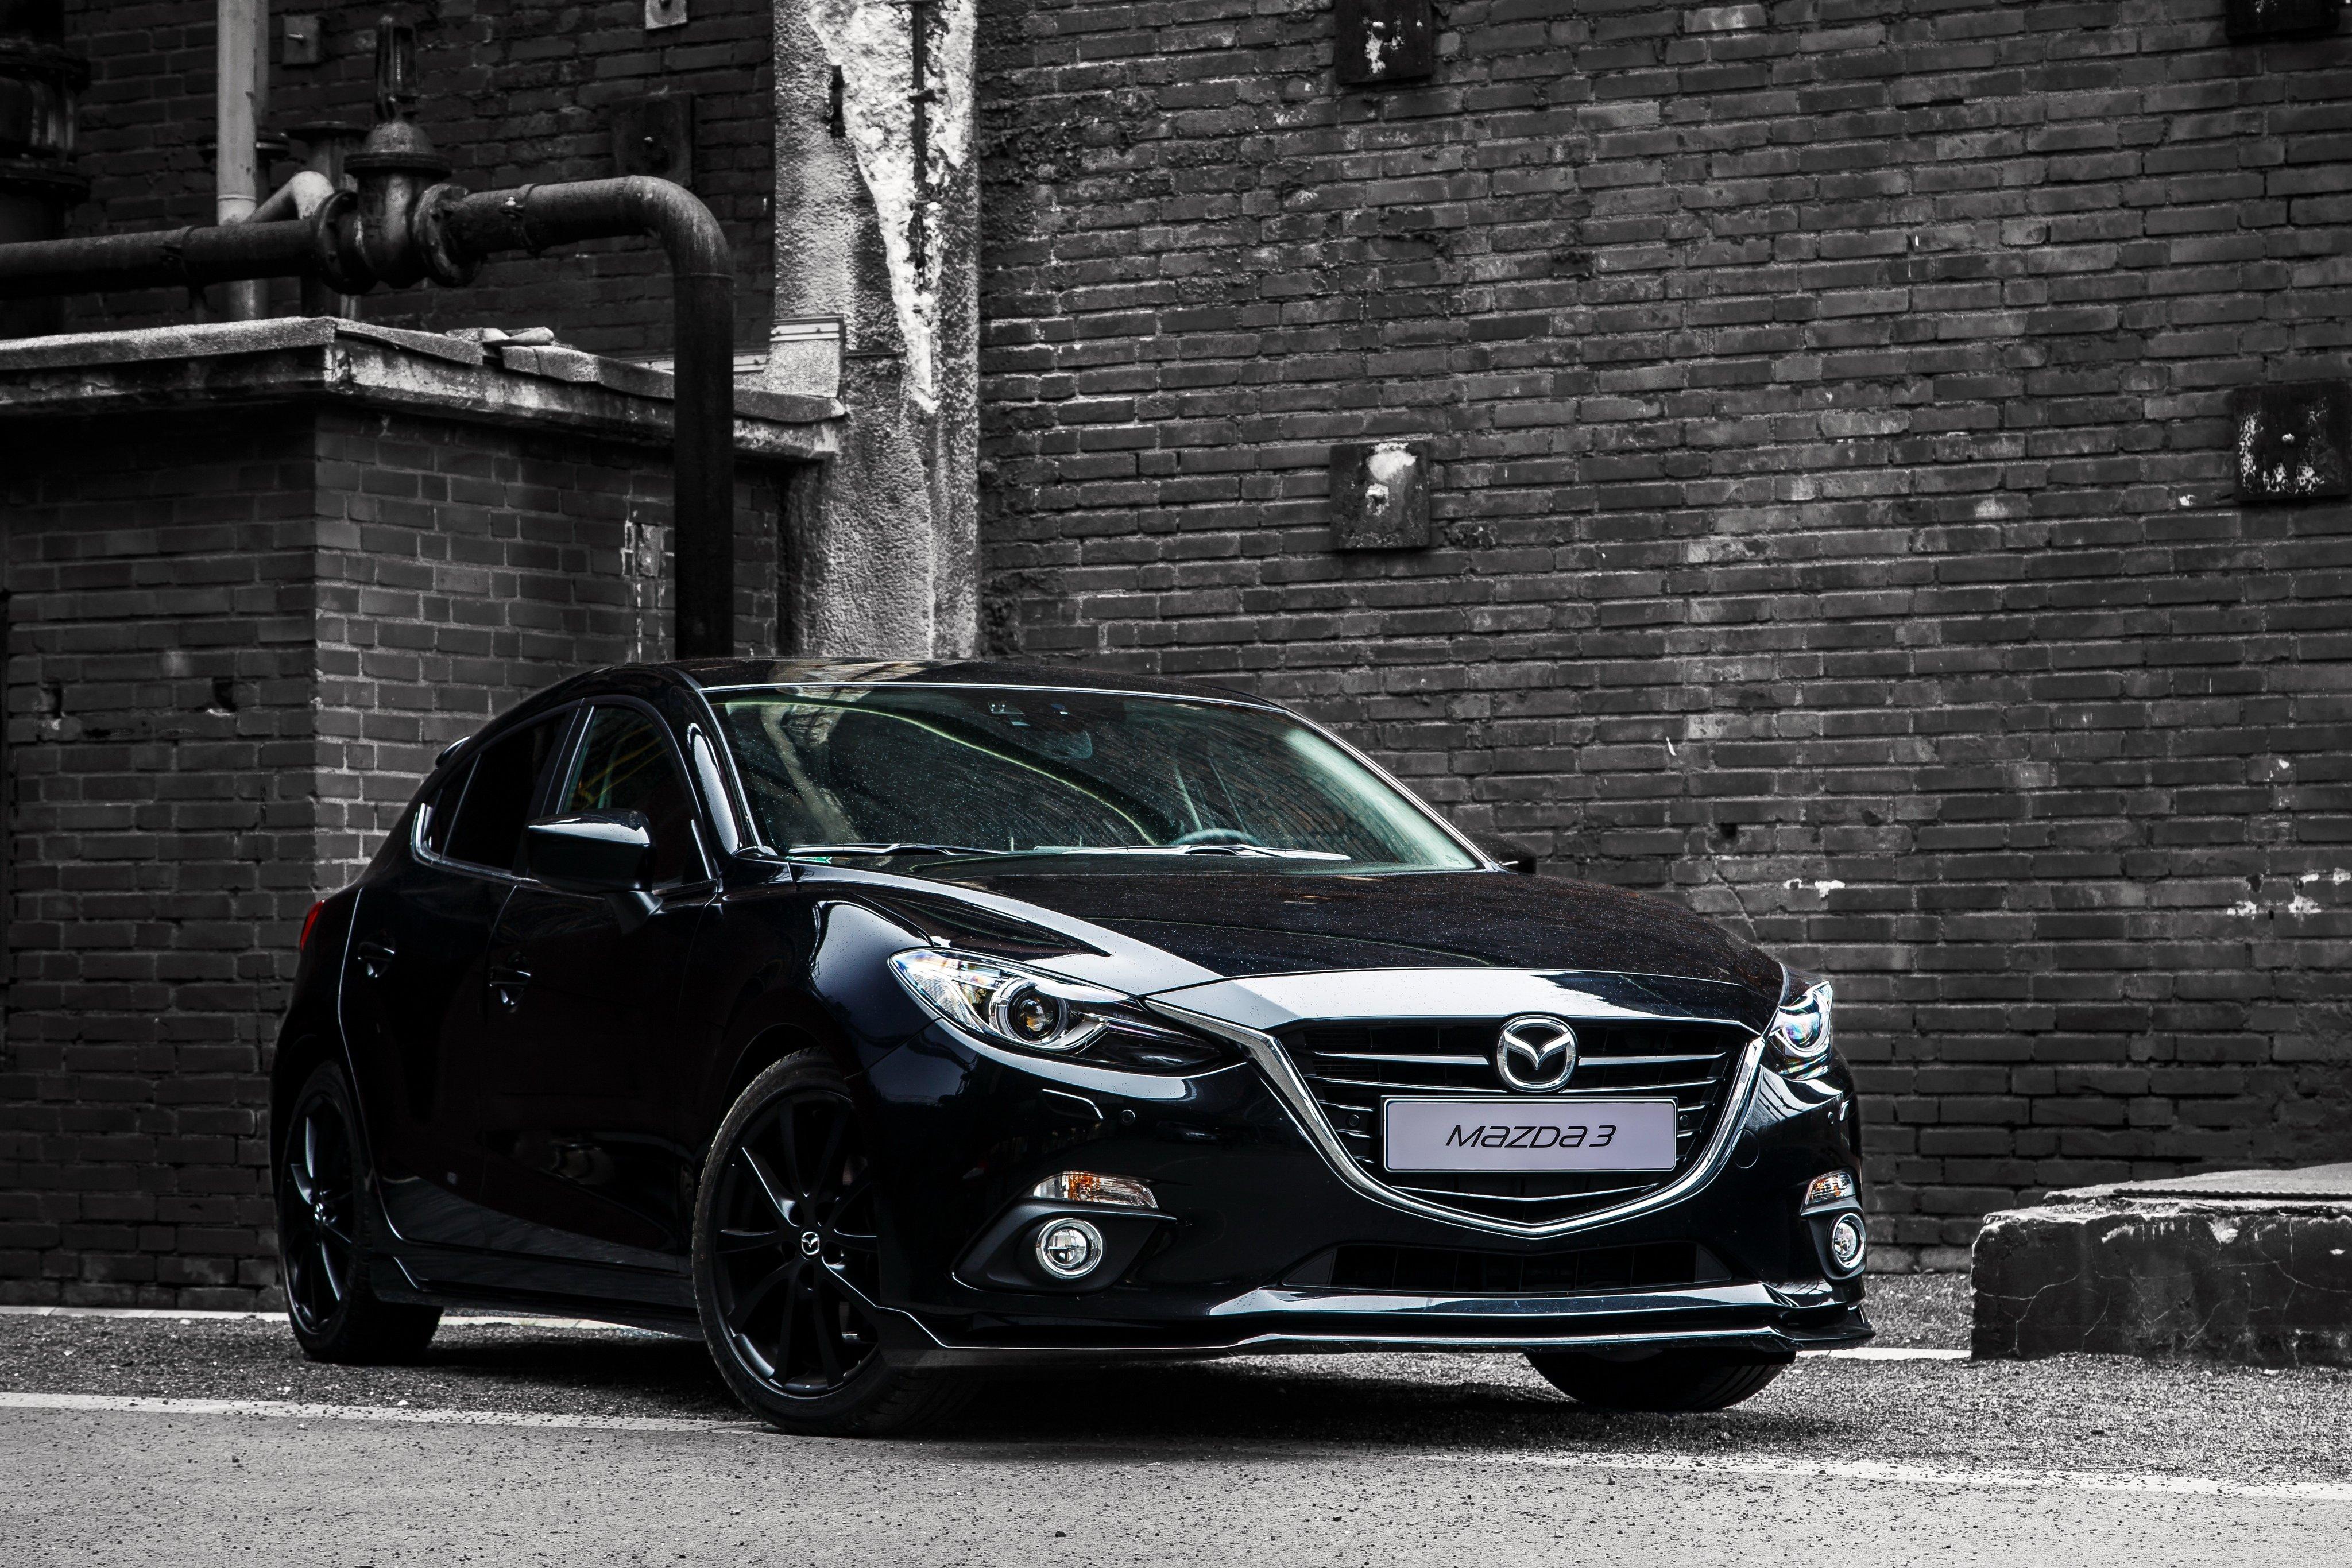 2015 Mazda3 Black Limited B-M Mazda Wallpaper